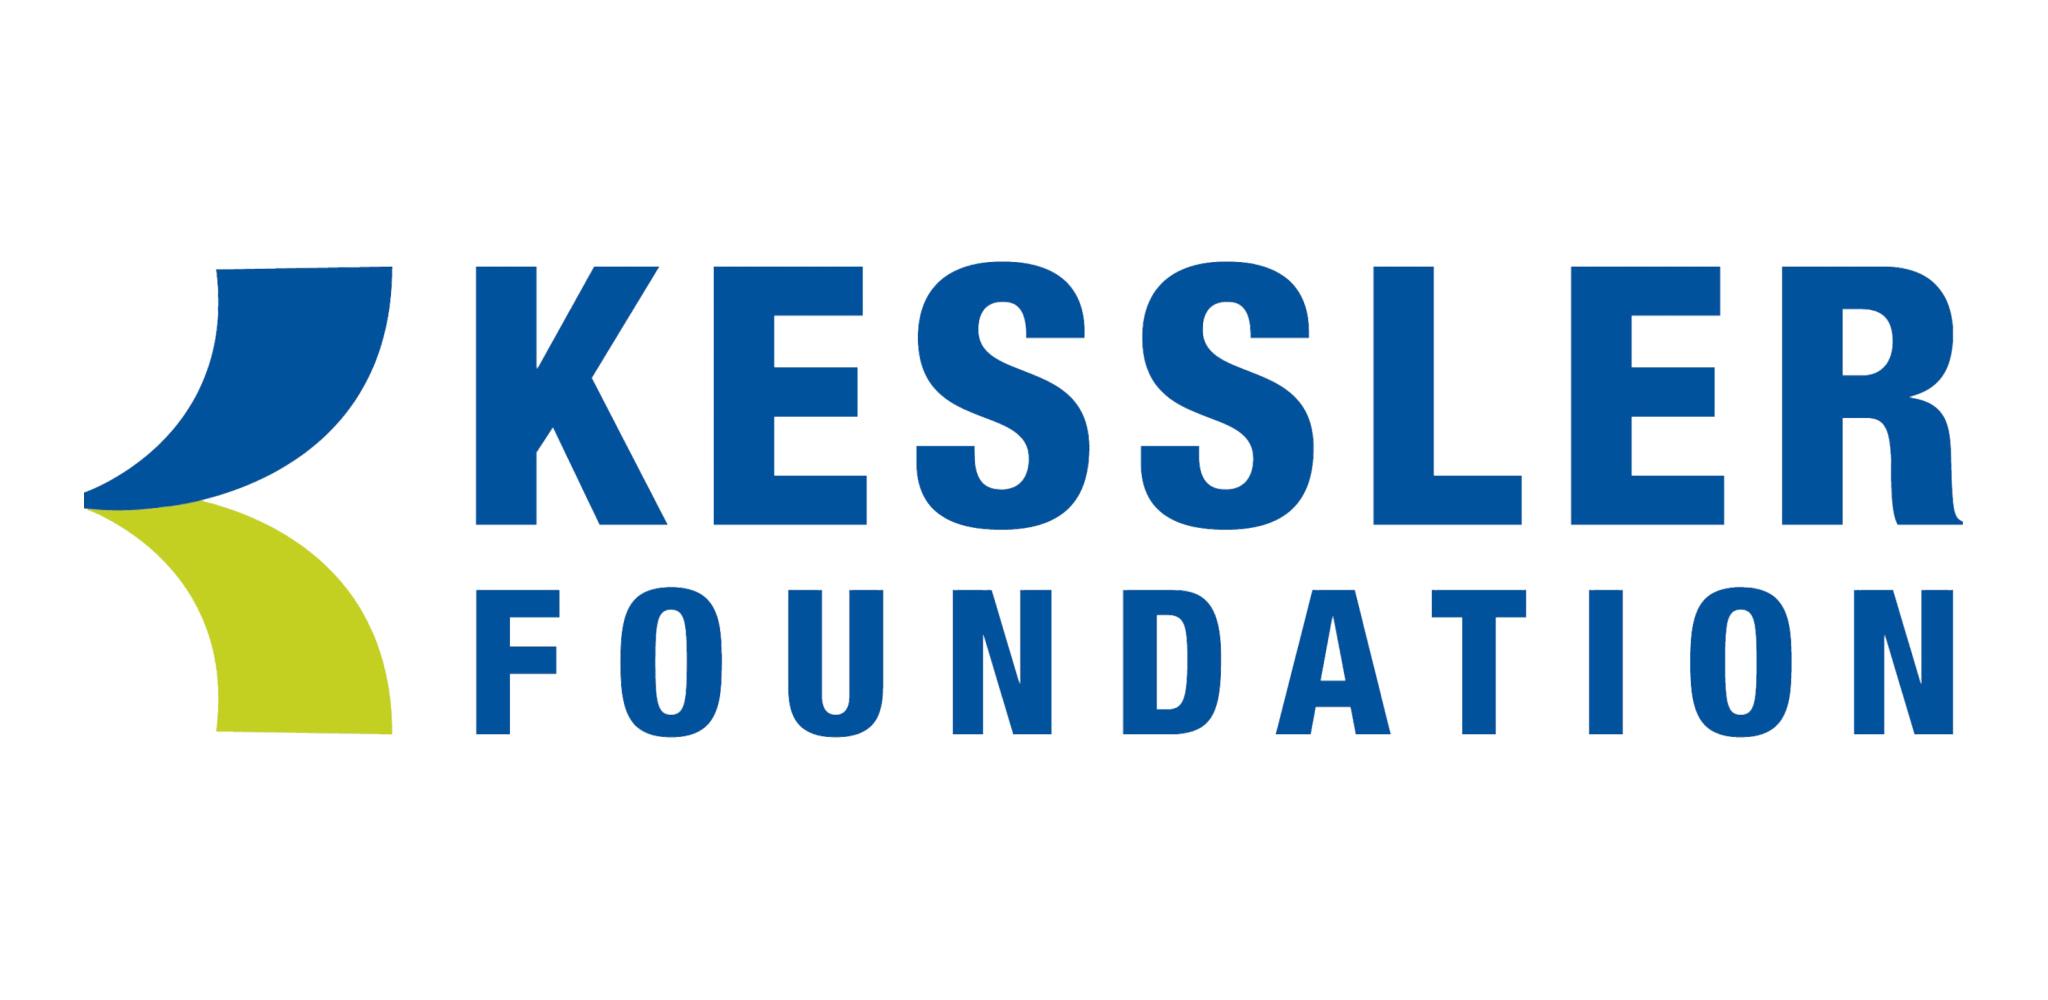 The Kessler Foundation, Logo